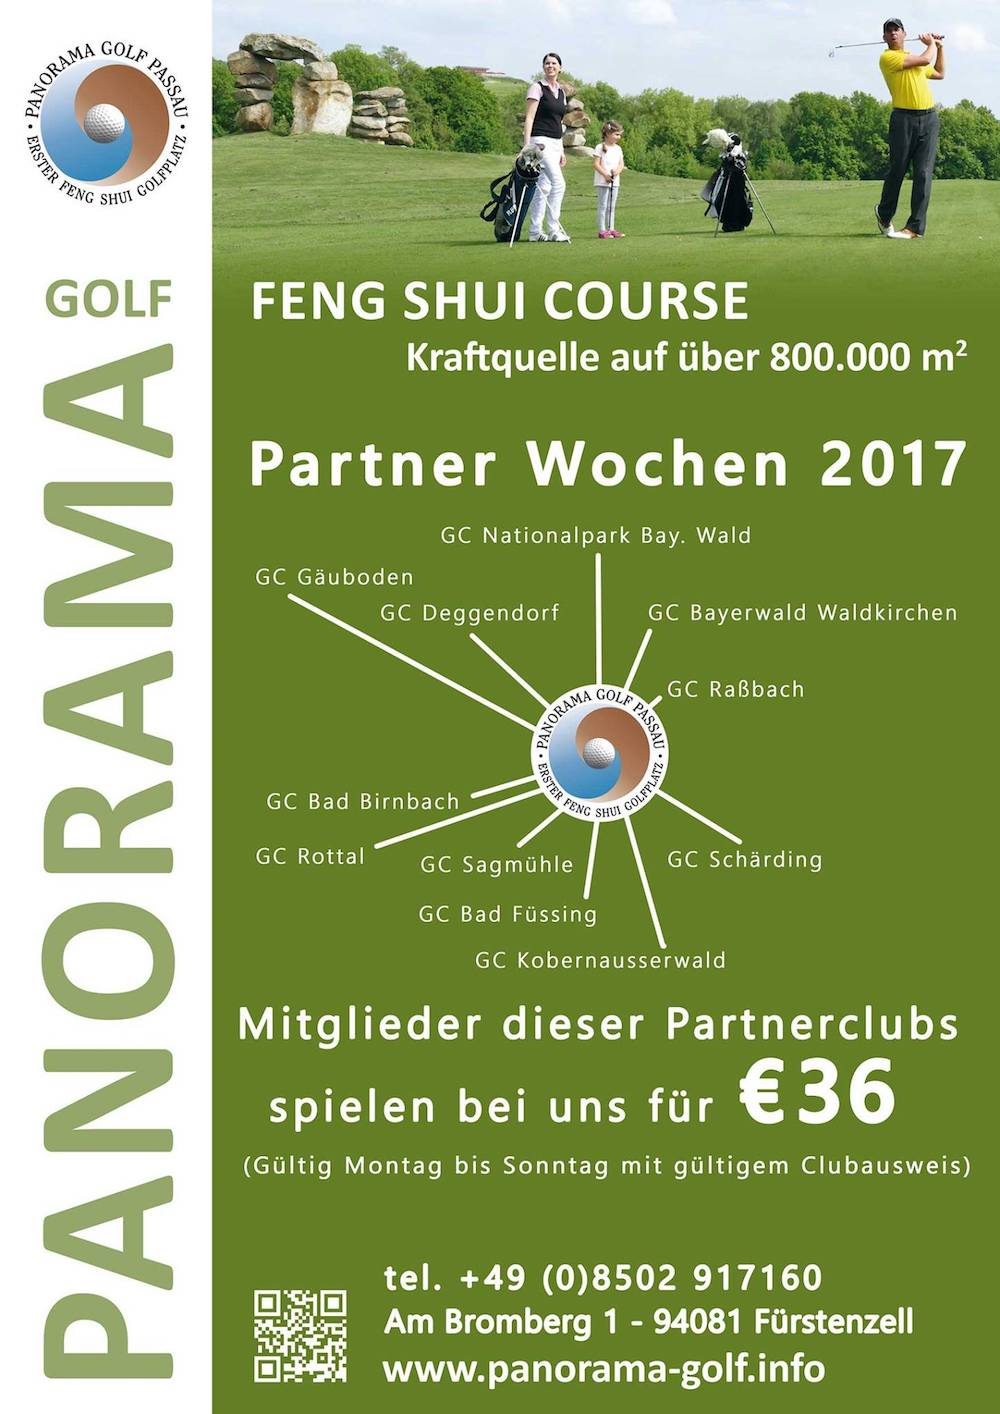 Angebot für Mitglieder der Nachbarclubs, Panorama-Golf